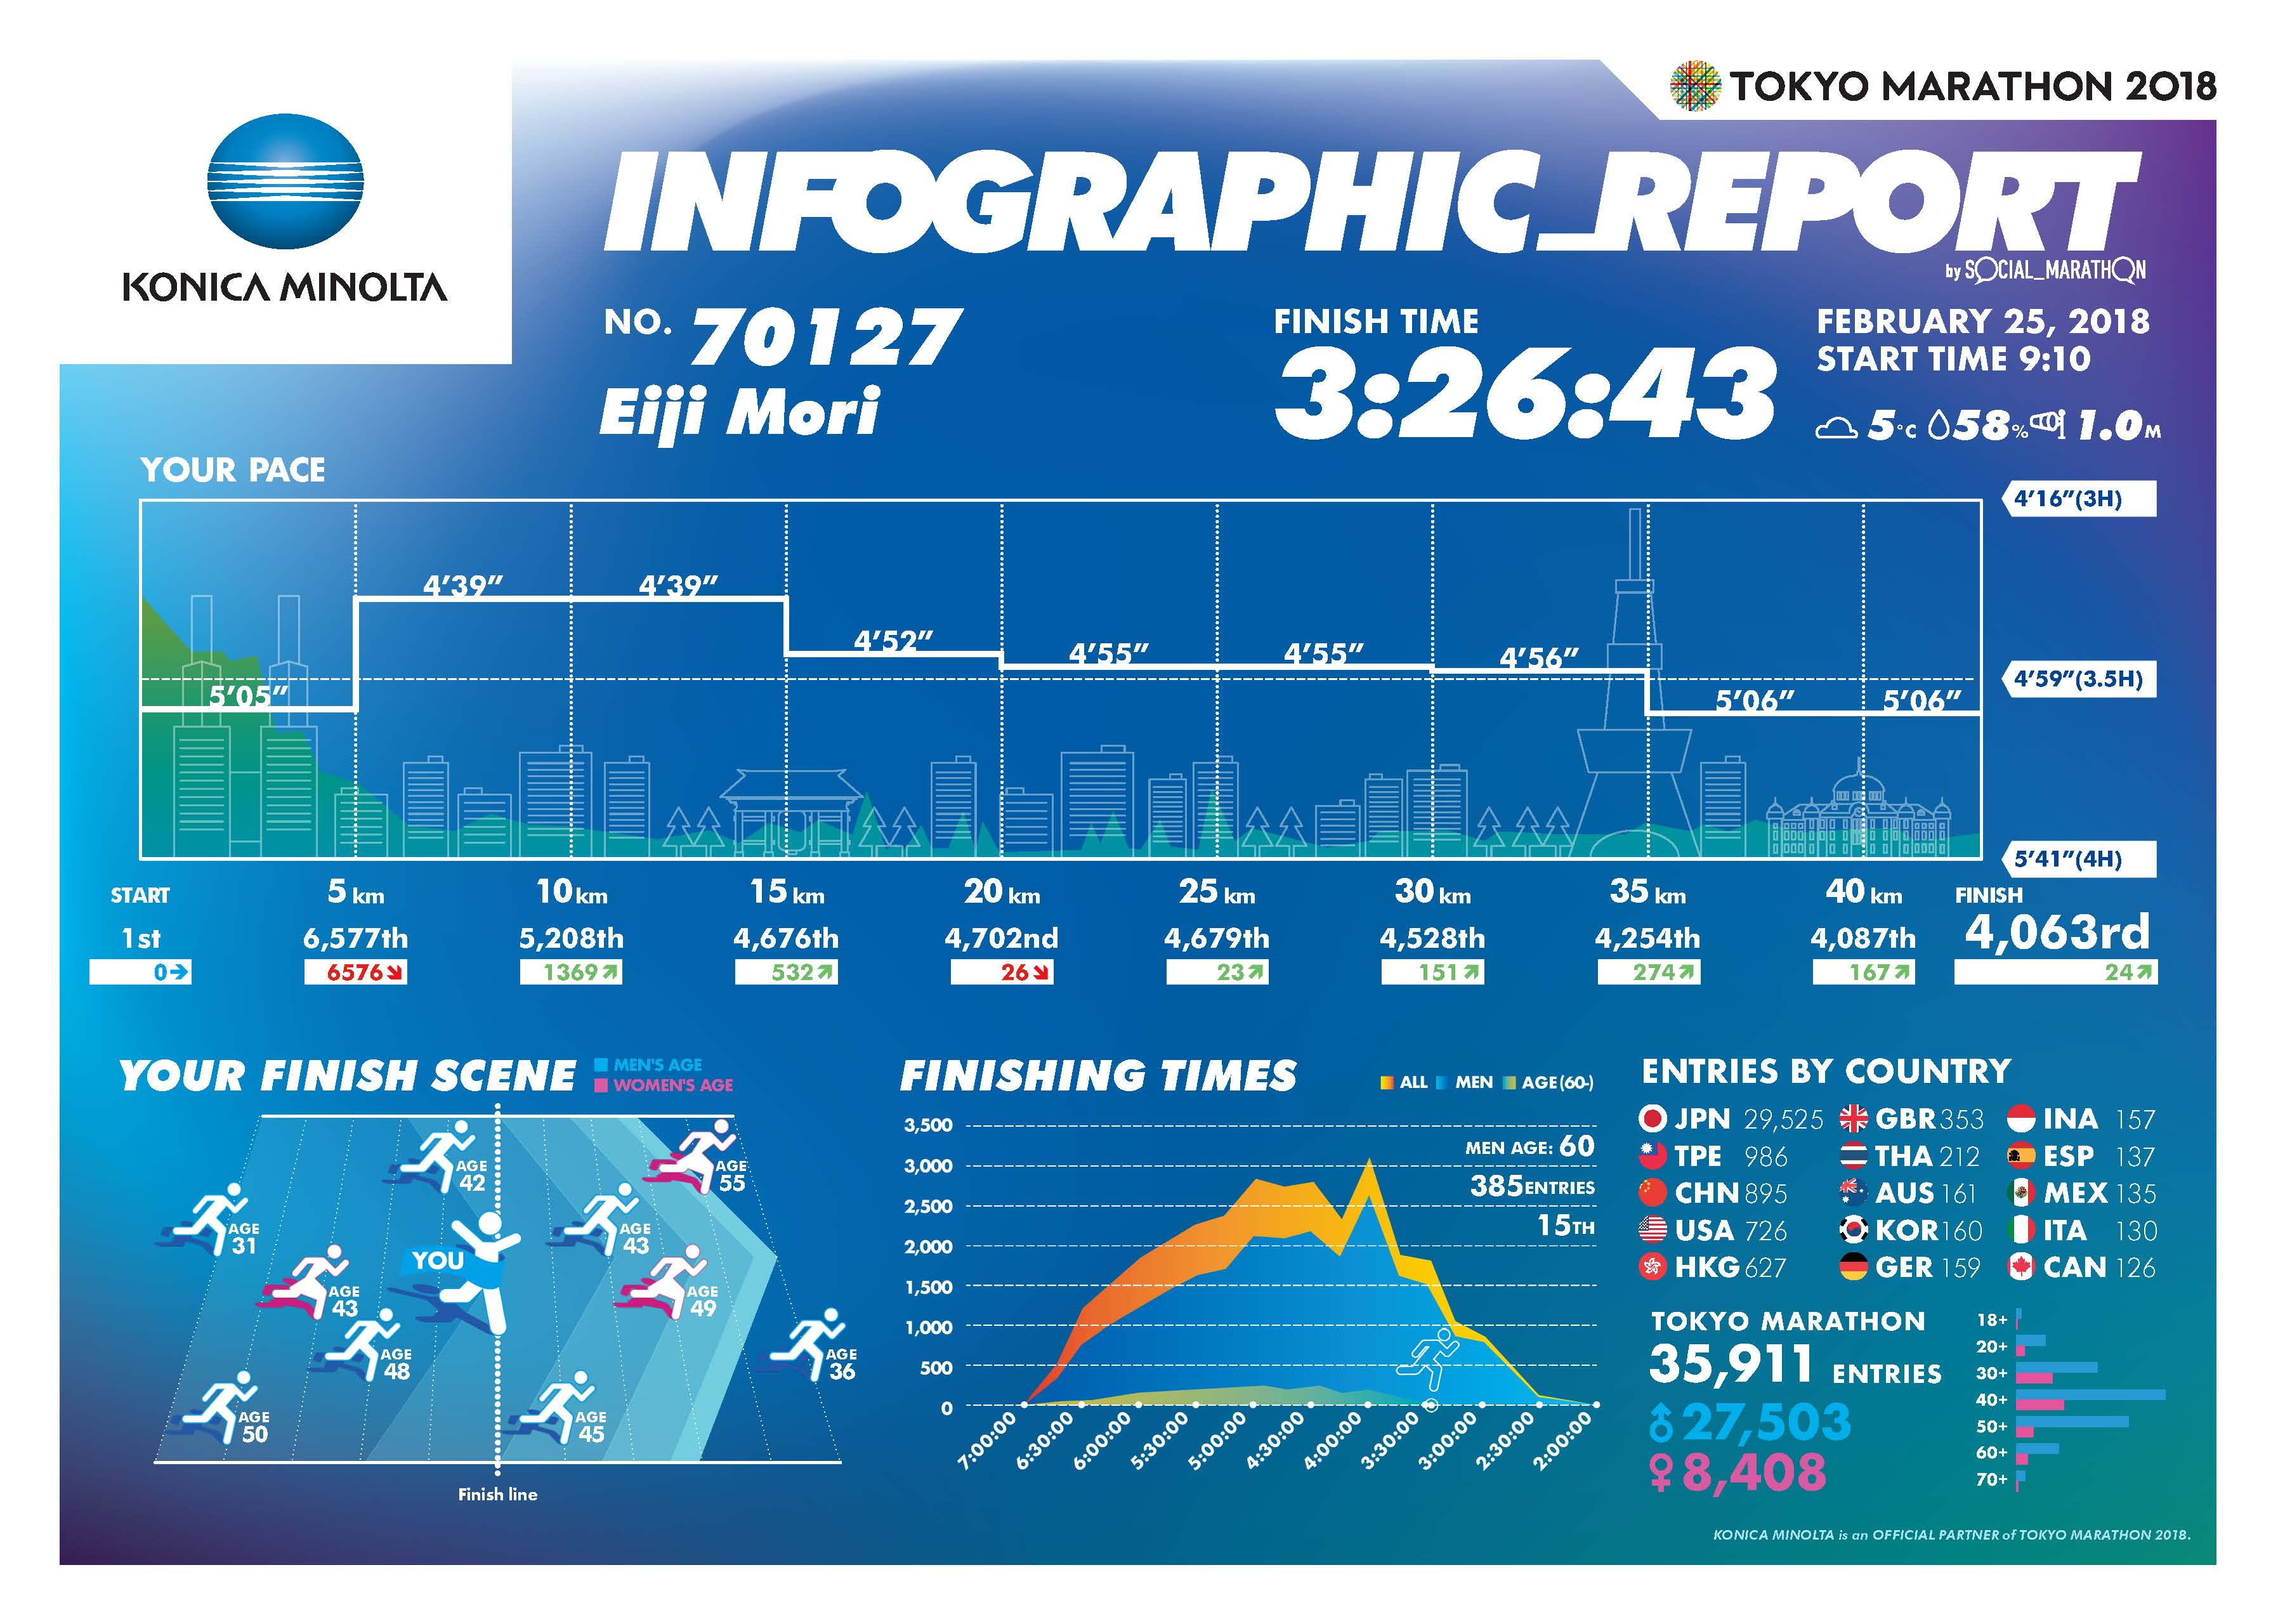 infographic_report20180225eijimori.jpg